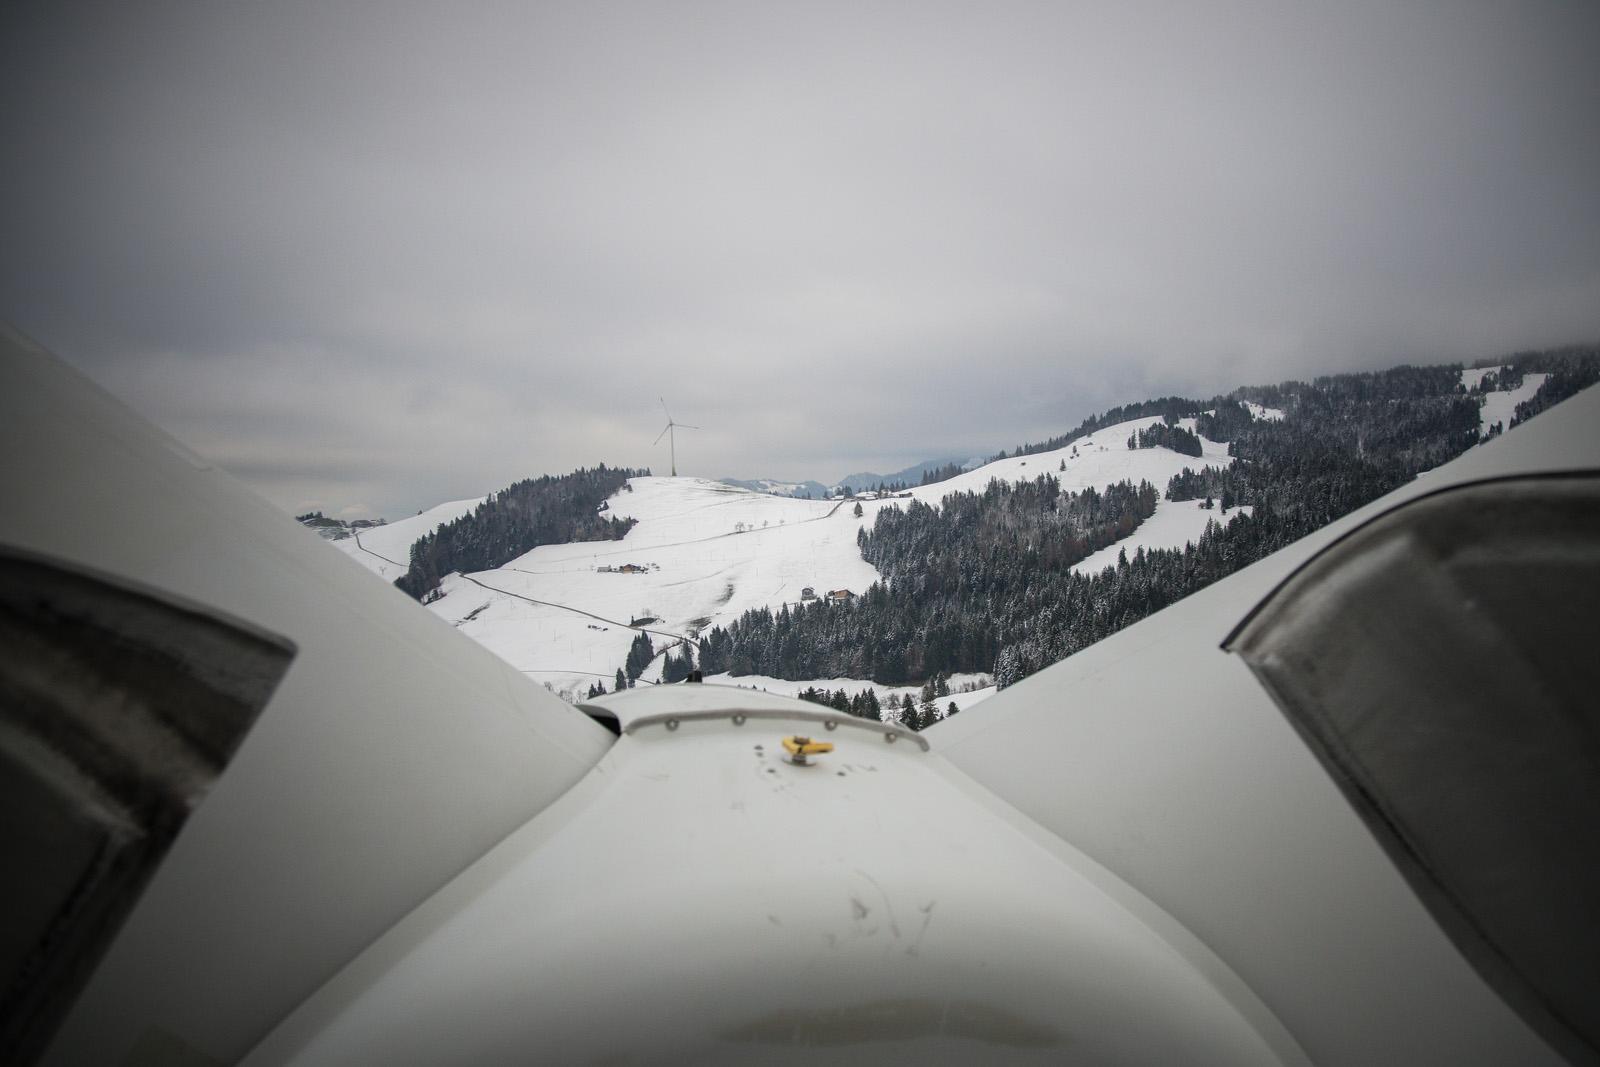 Der vernebelte Panoramablick von einer Windanlage zur nächsten.